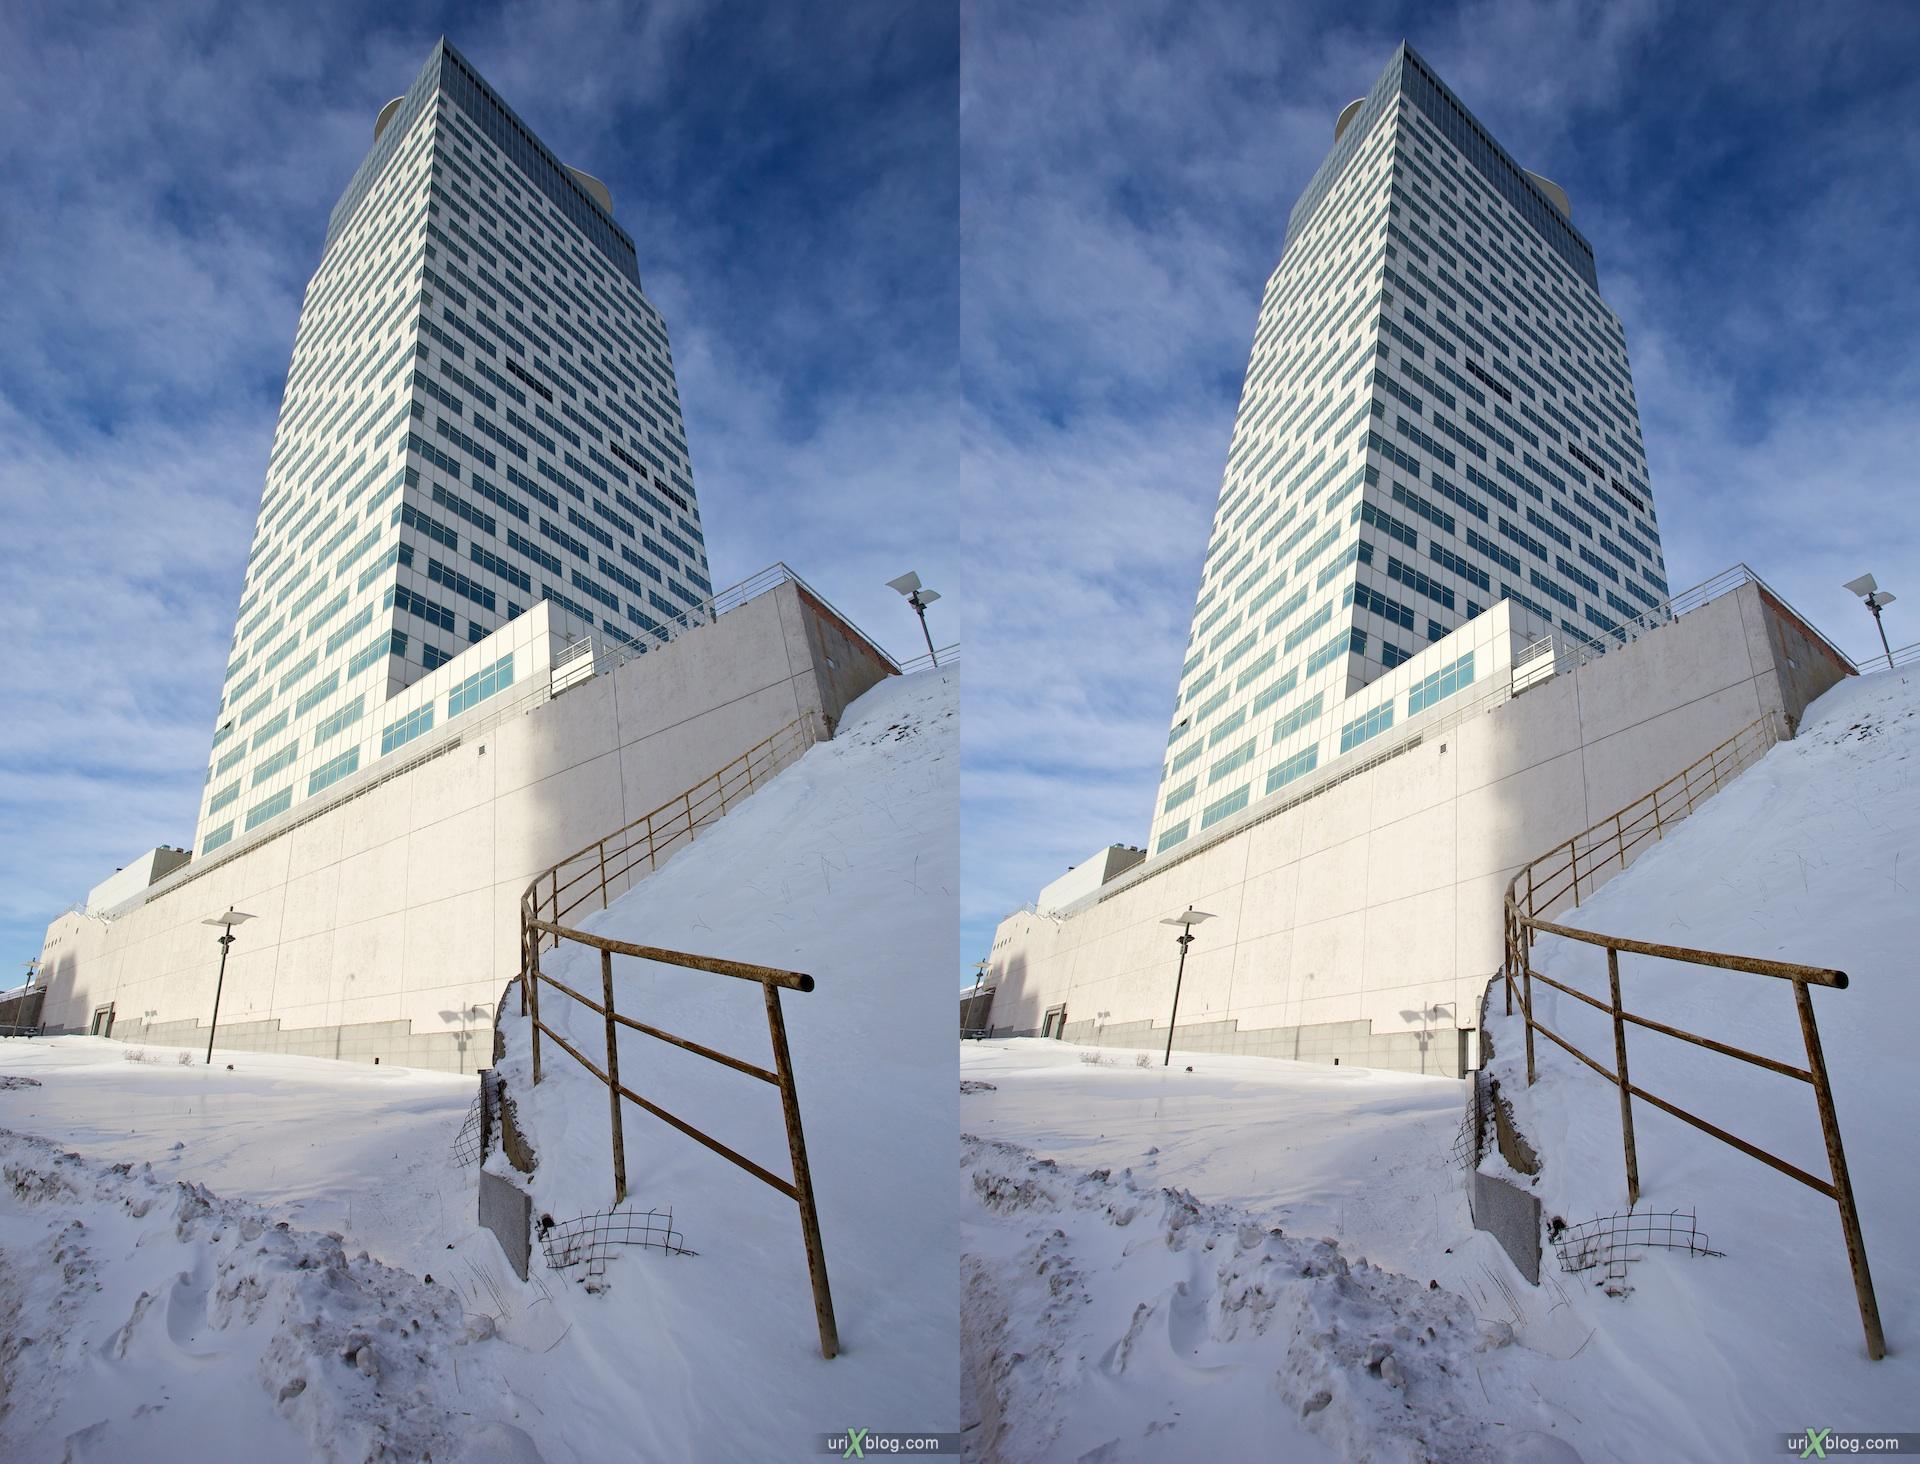 2010 3D, stereo, cross-eyed, стерео, стереопара Moscow, Krylatskoye, Москва, Бизнес-центр Профико в Крылатском